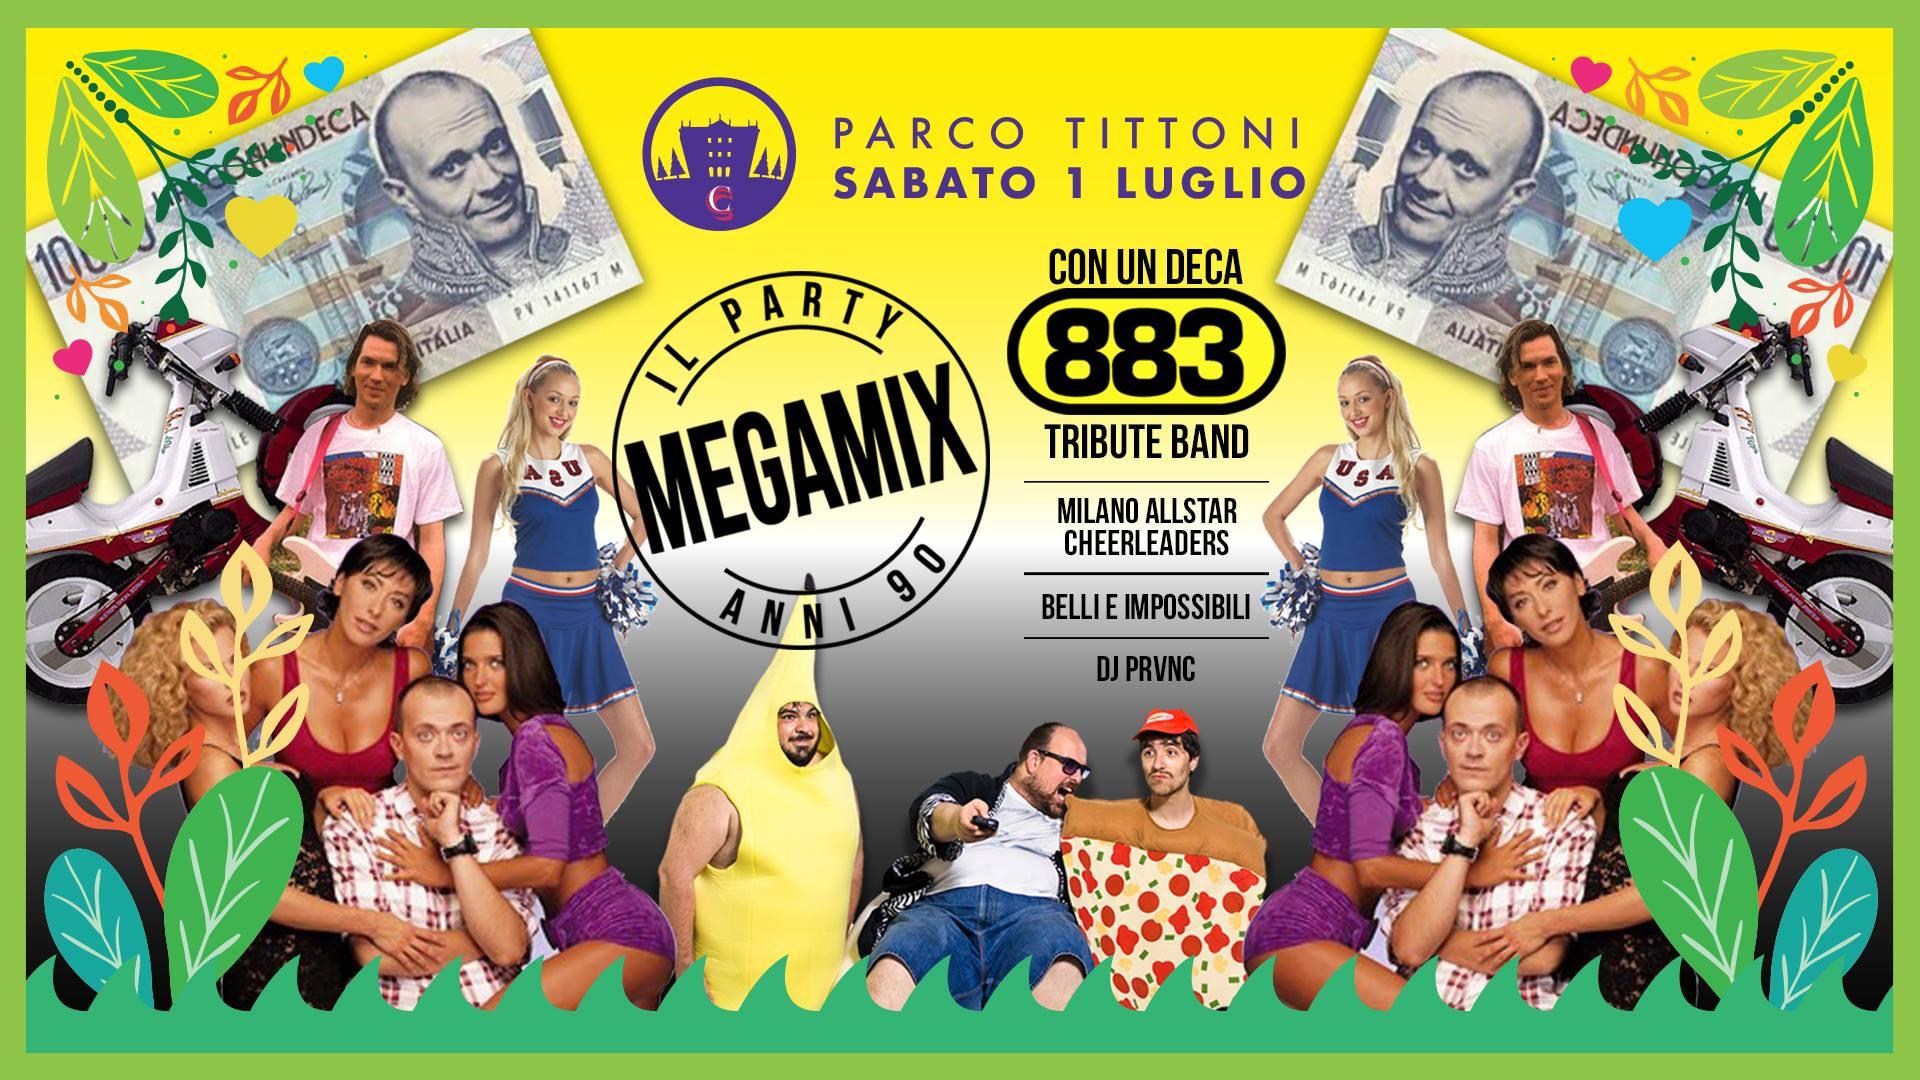 Megamix 90s Party - Parco Tittoni